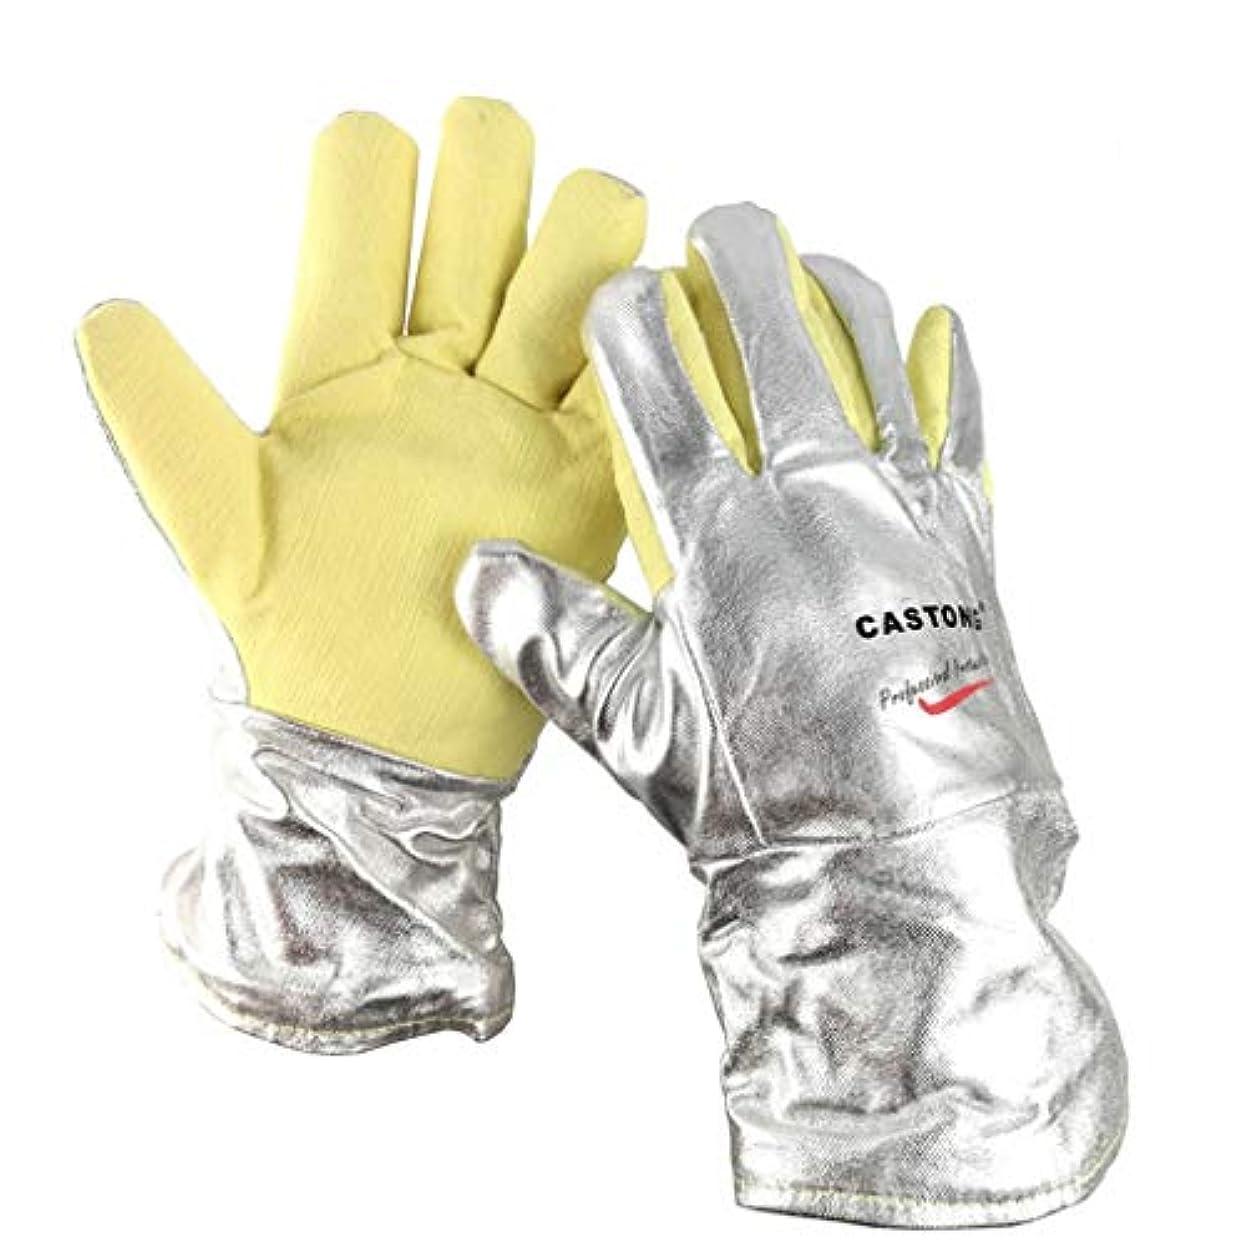 まともなターゲットスリップシューズ高温耐性500度高温耐性手袋抗輻射熱抗切断抗スカルディング用金属製錬電気溶接ボイラー34センチ